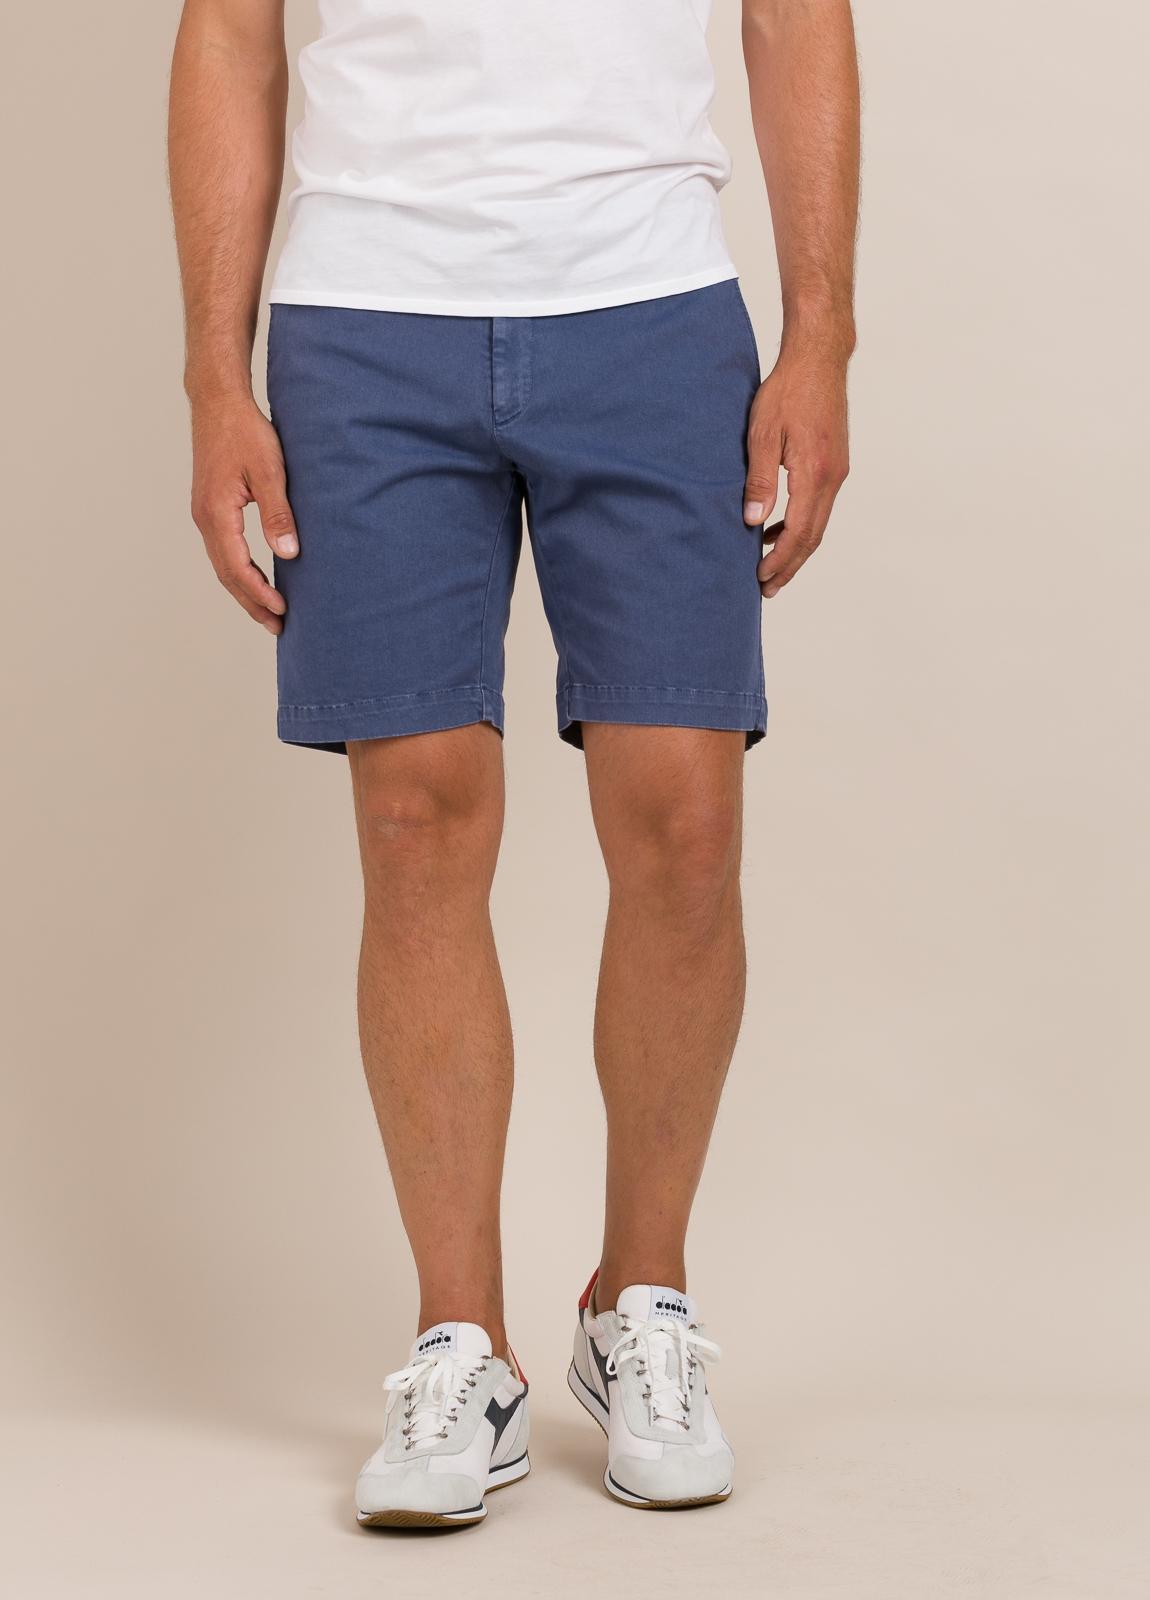 Bermuda modelo THOMAS color azul tinta, 100% Algodón.